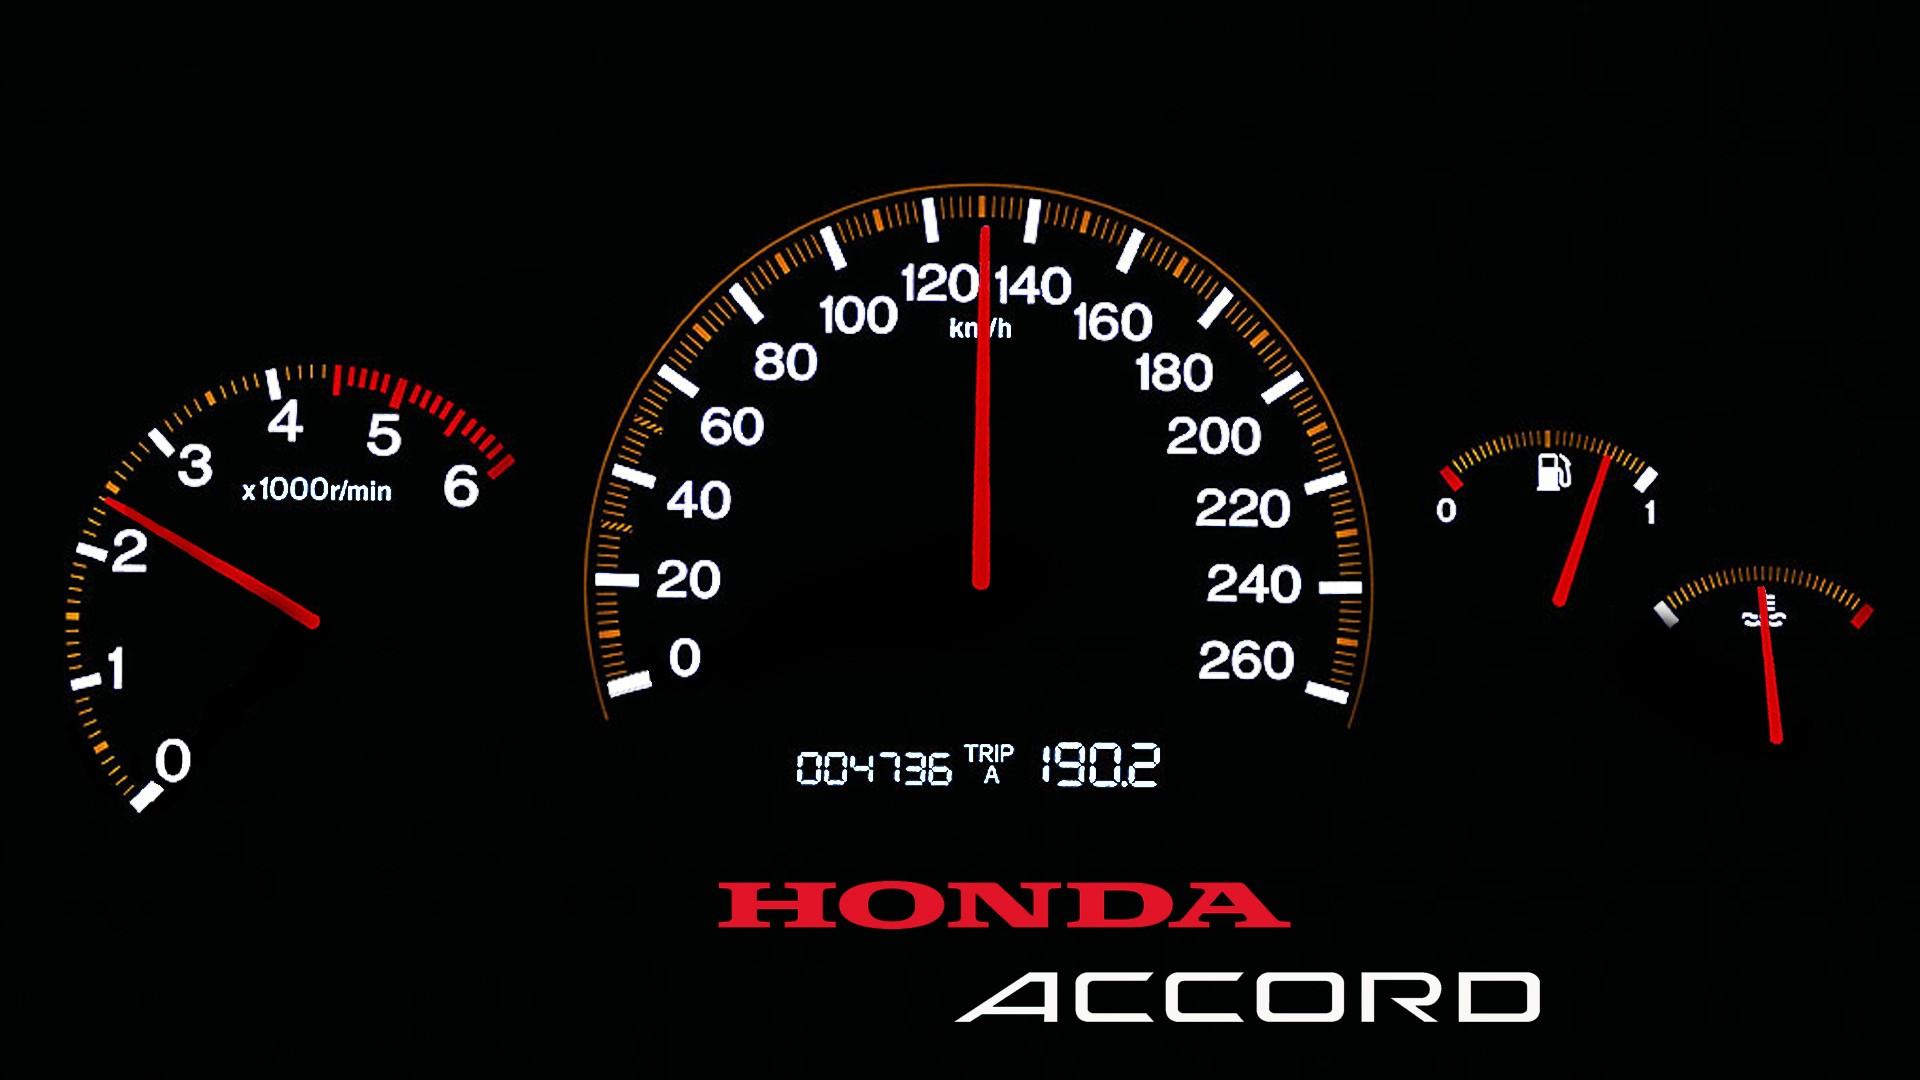 f731791fe58 Honda compteur de vitesse Accord Honda tachymètre roue Extérieur de  l automobile Police de caractère